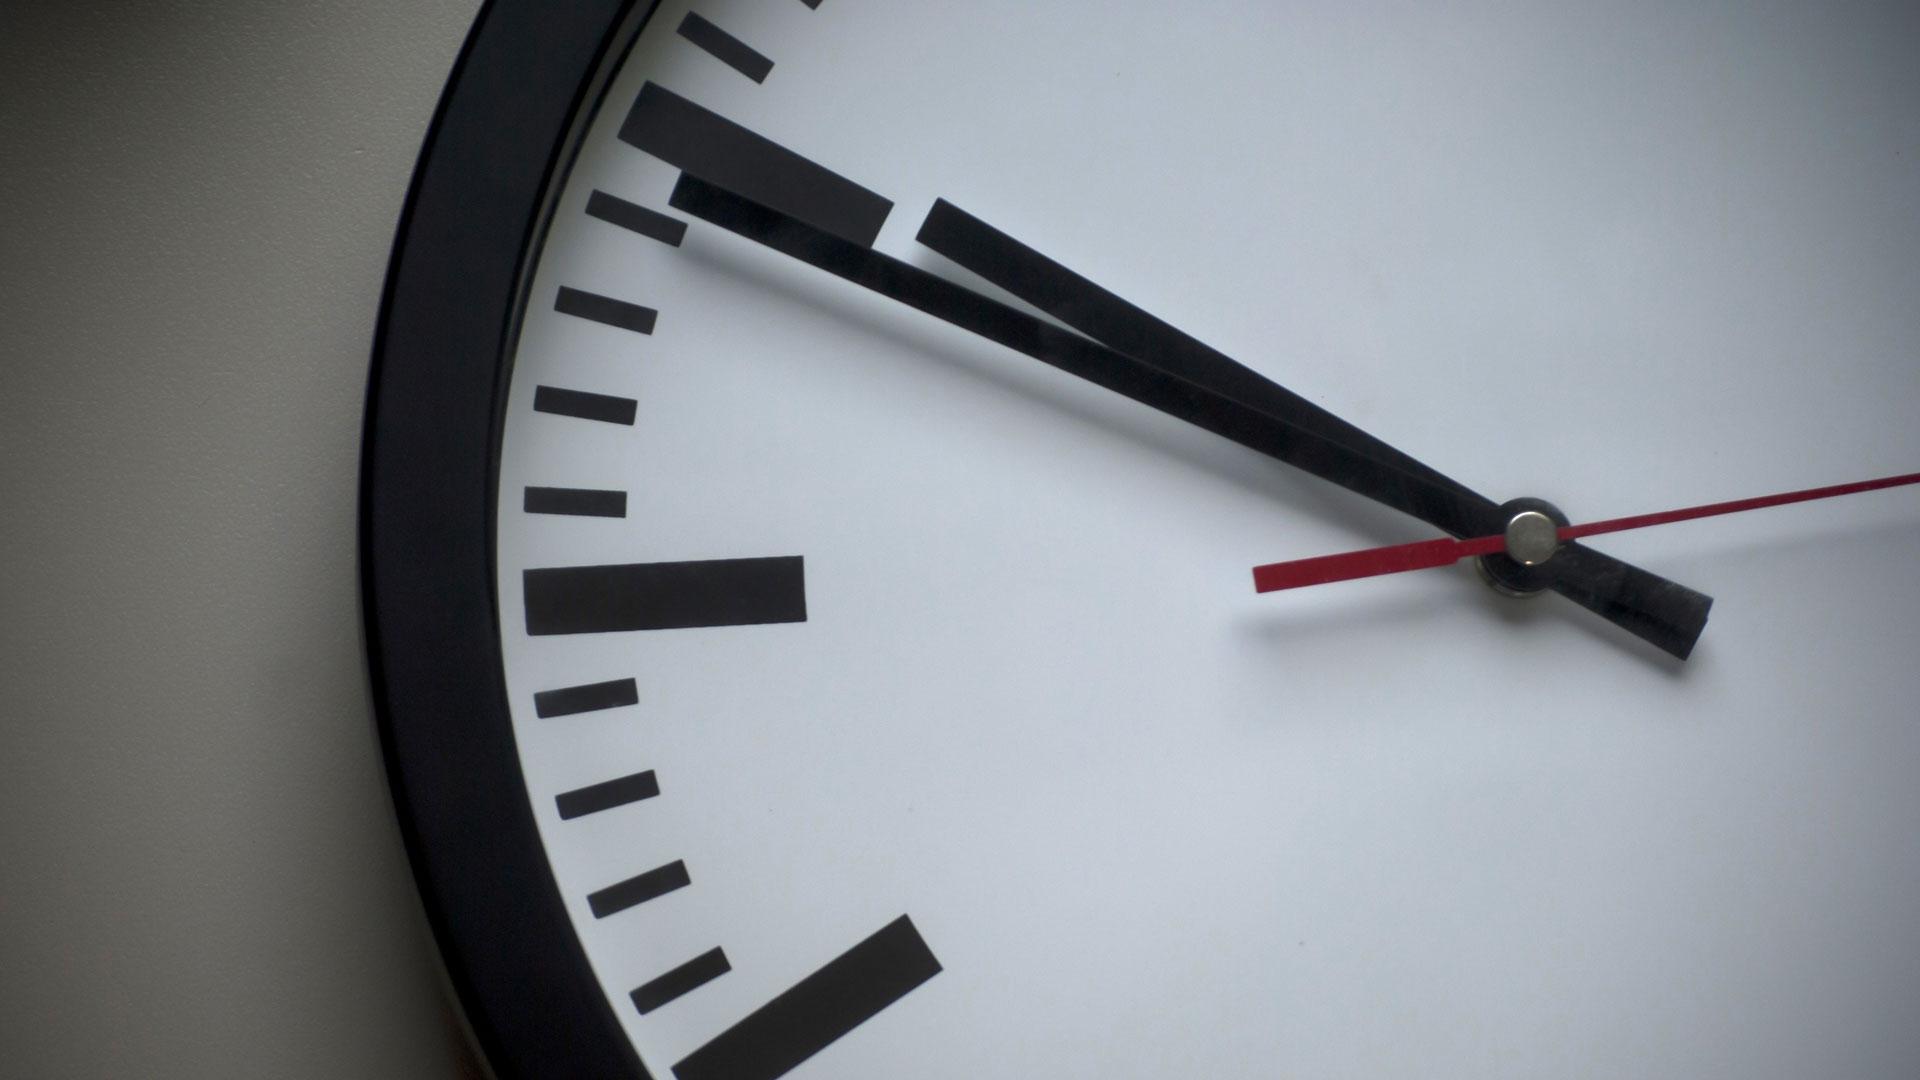 Närbild på en klocka